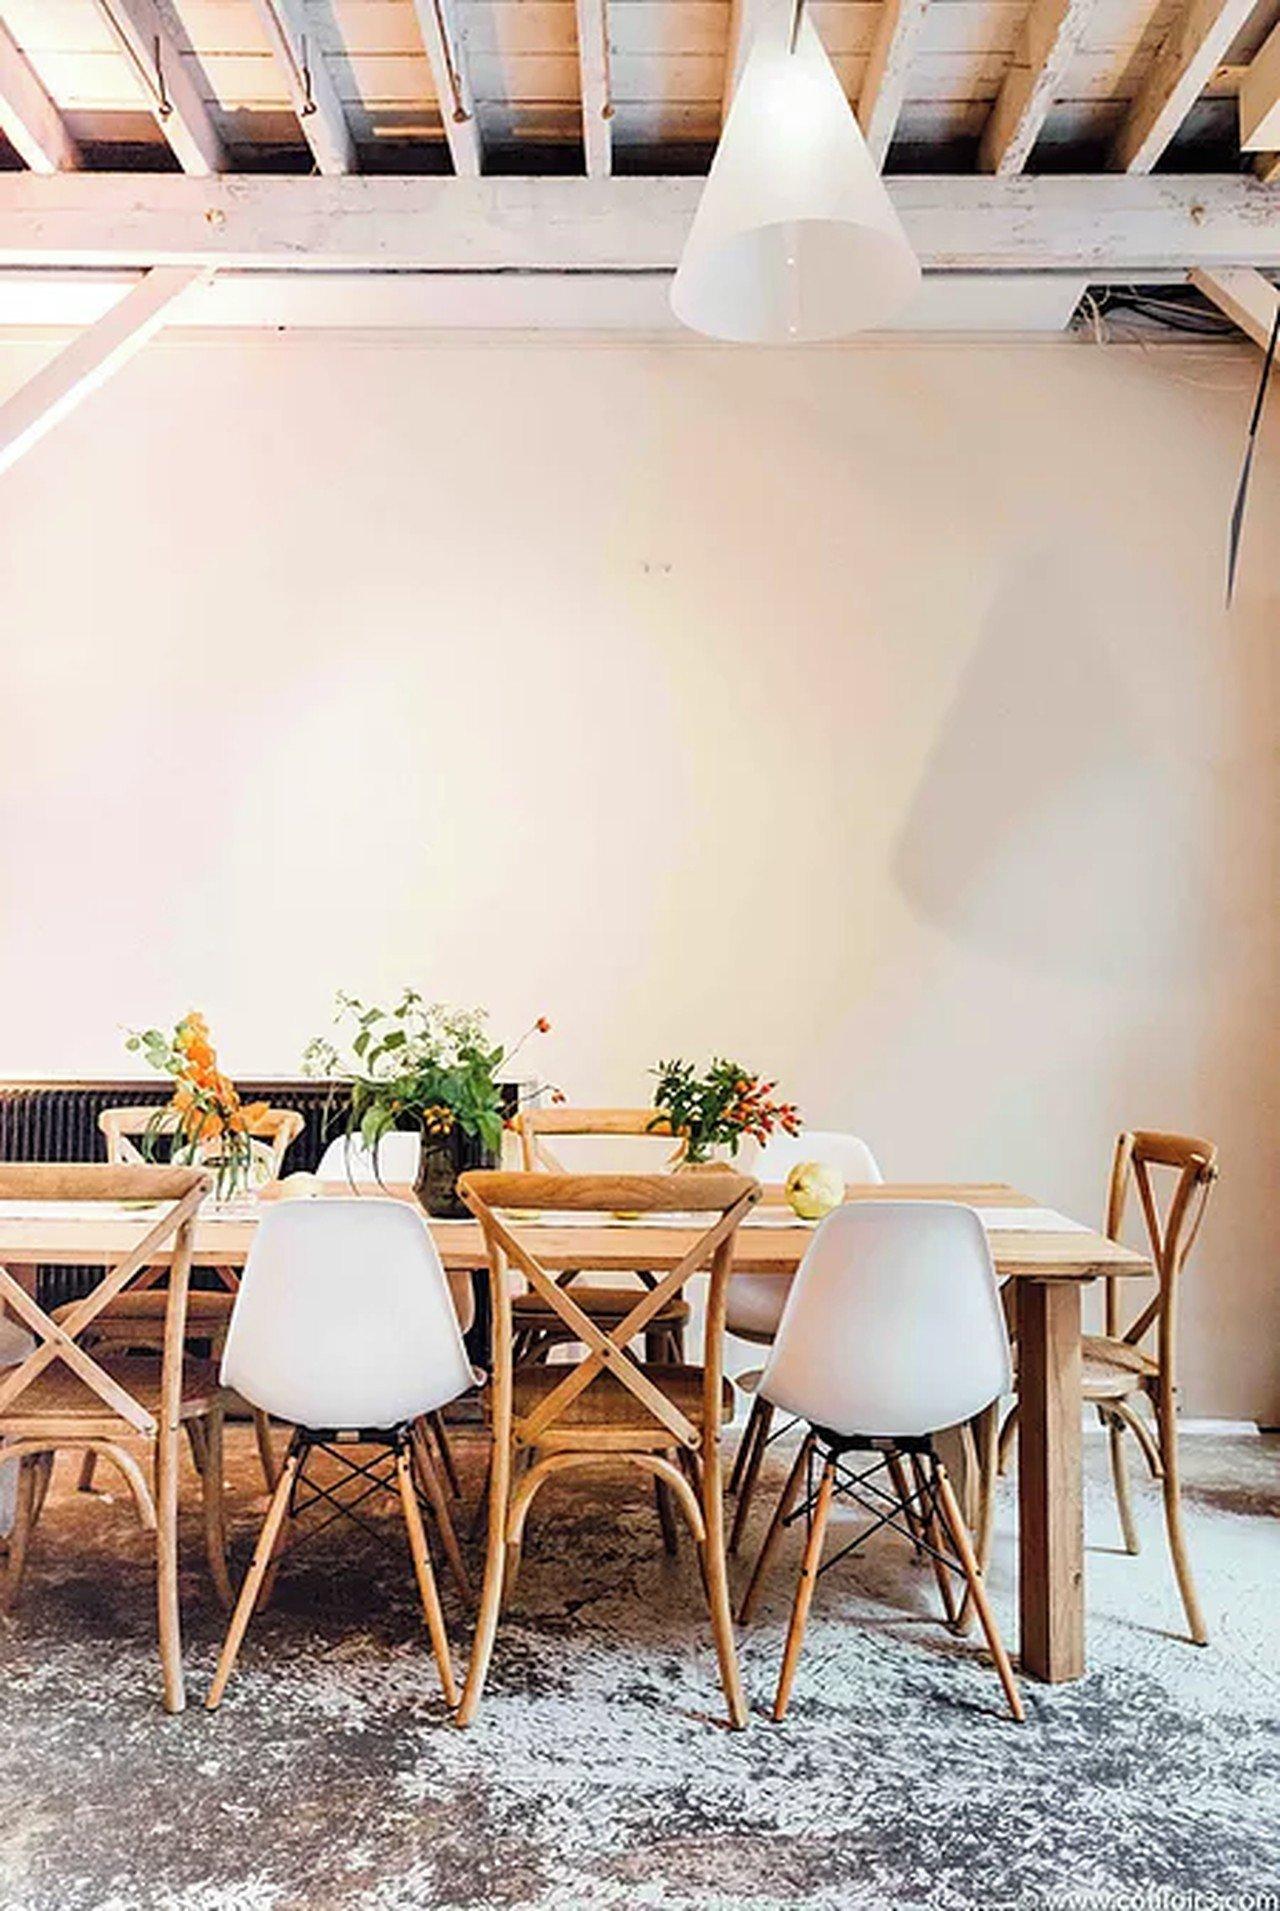 Paris workshop spaces Loft Atelier Eiffel image 2